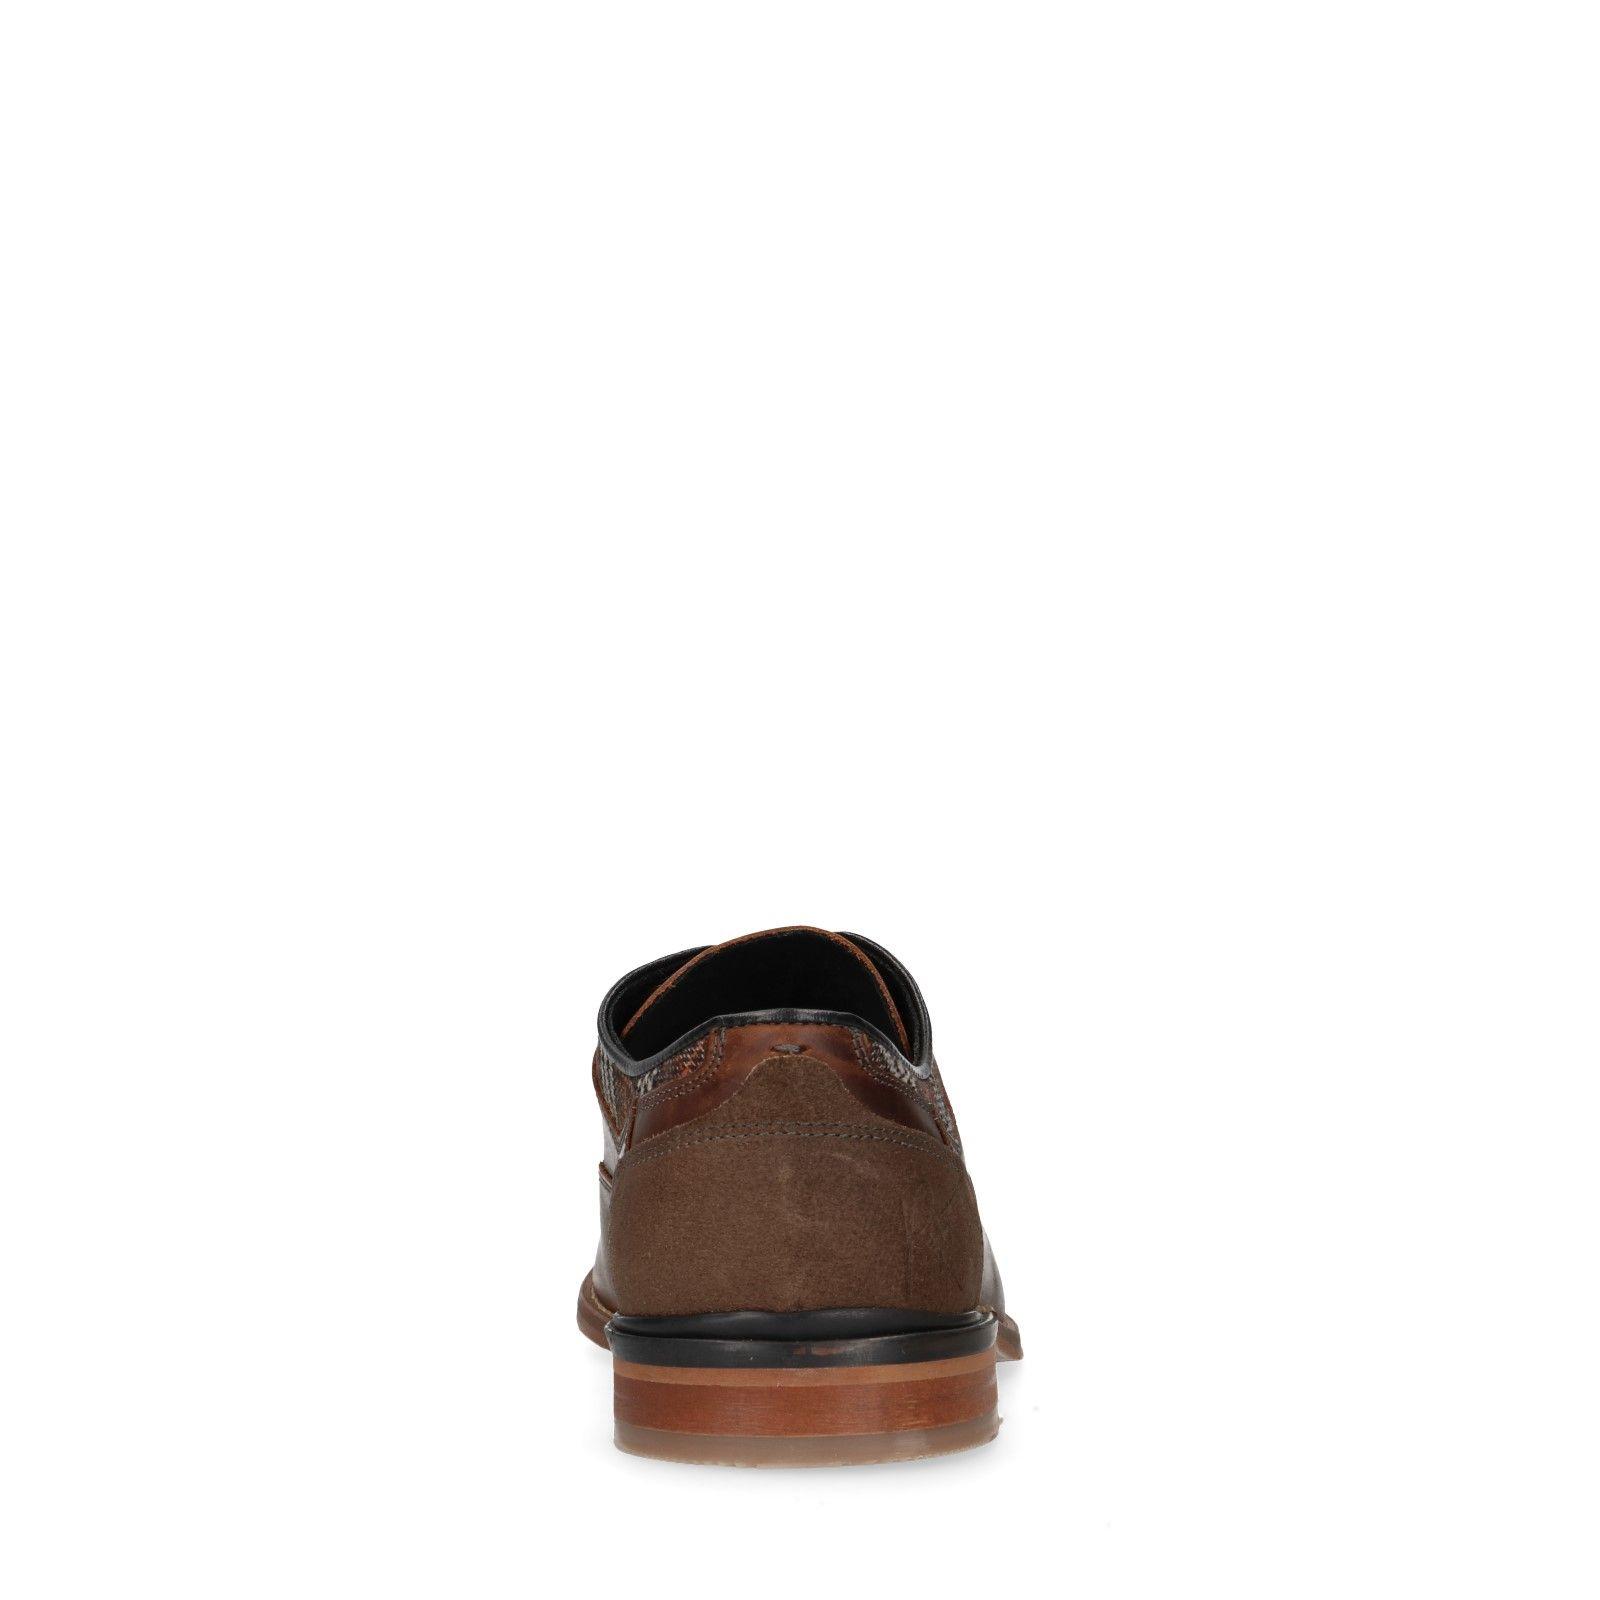 SACHA Marron Homme Élégantes chaussures à lacets avec